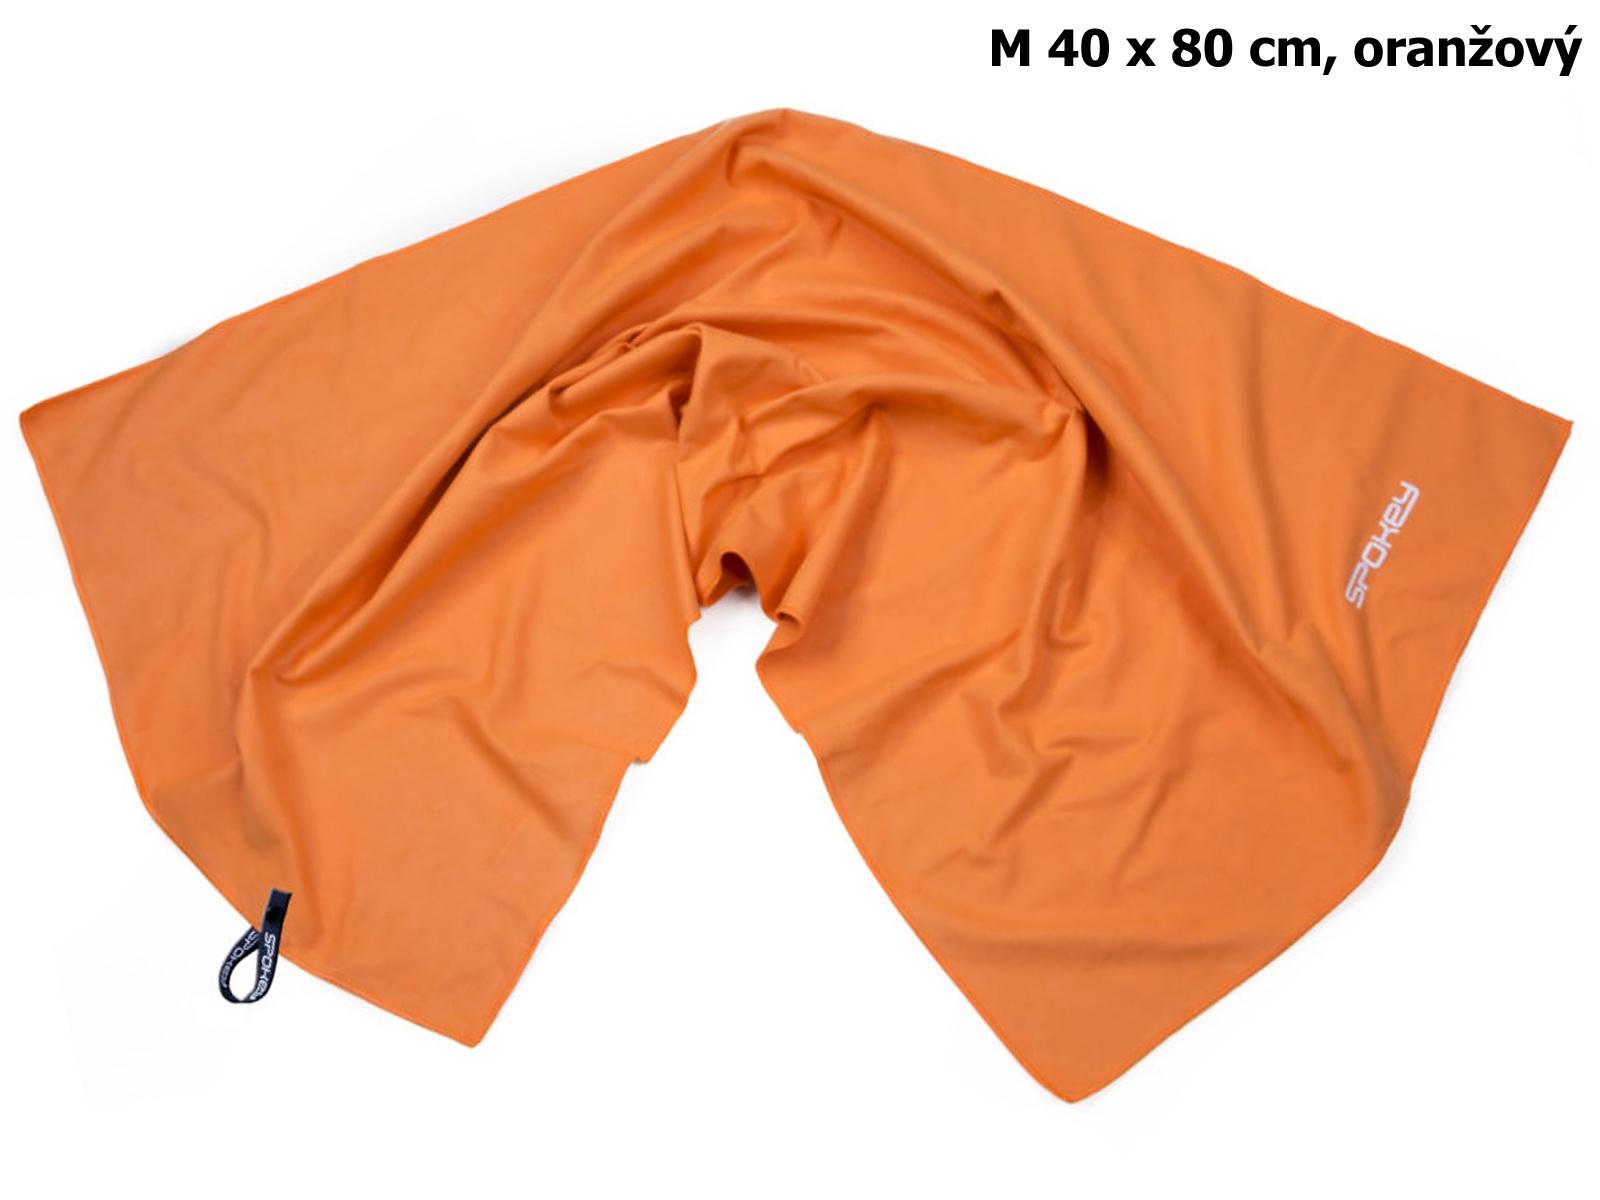 Rychleschnoucí ručník SPOKEY Sirocco M 40 x 80 cm, oranžový